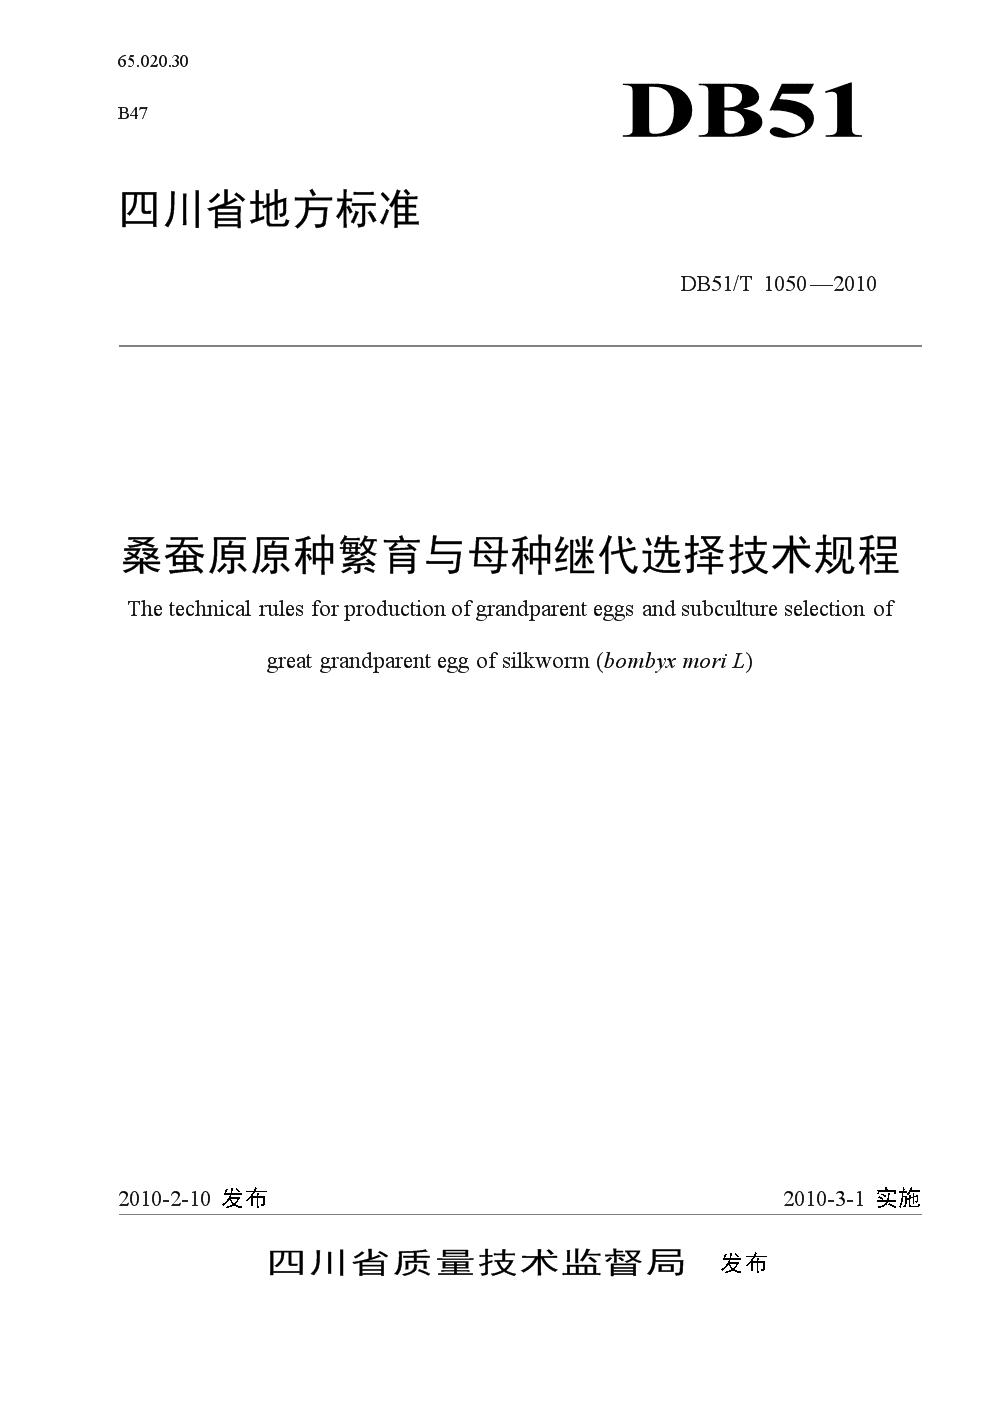 DB51_T 1050-2010 桑蚕原原种繁育与母种继代选择技术规程.doc